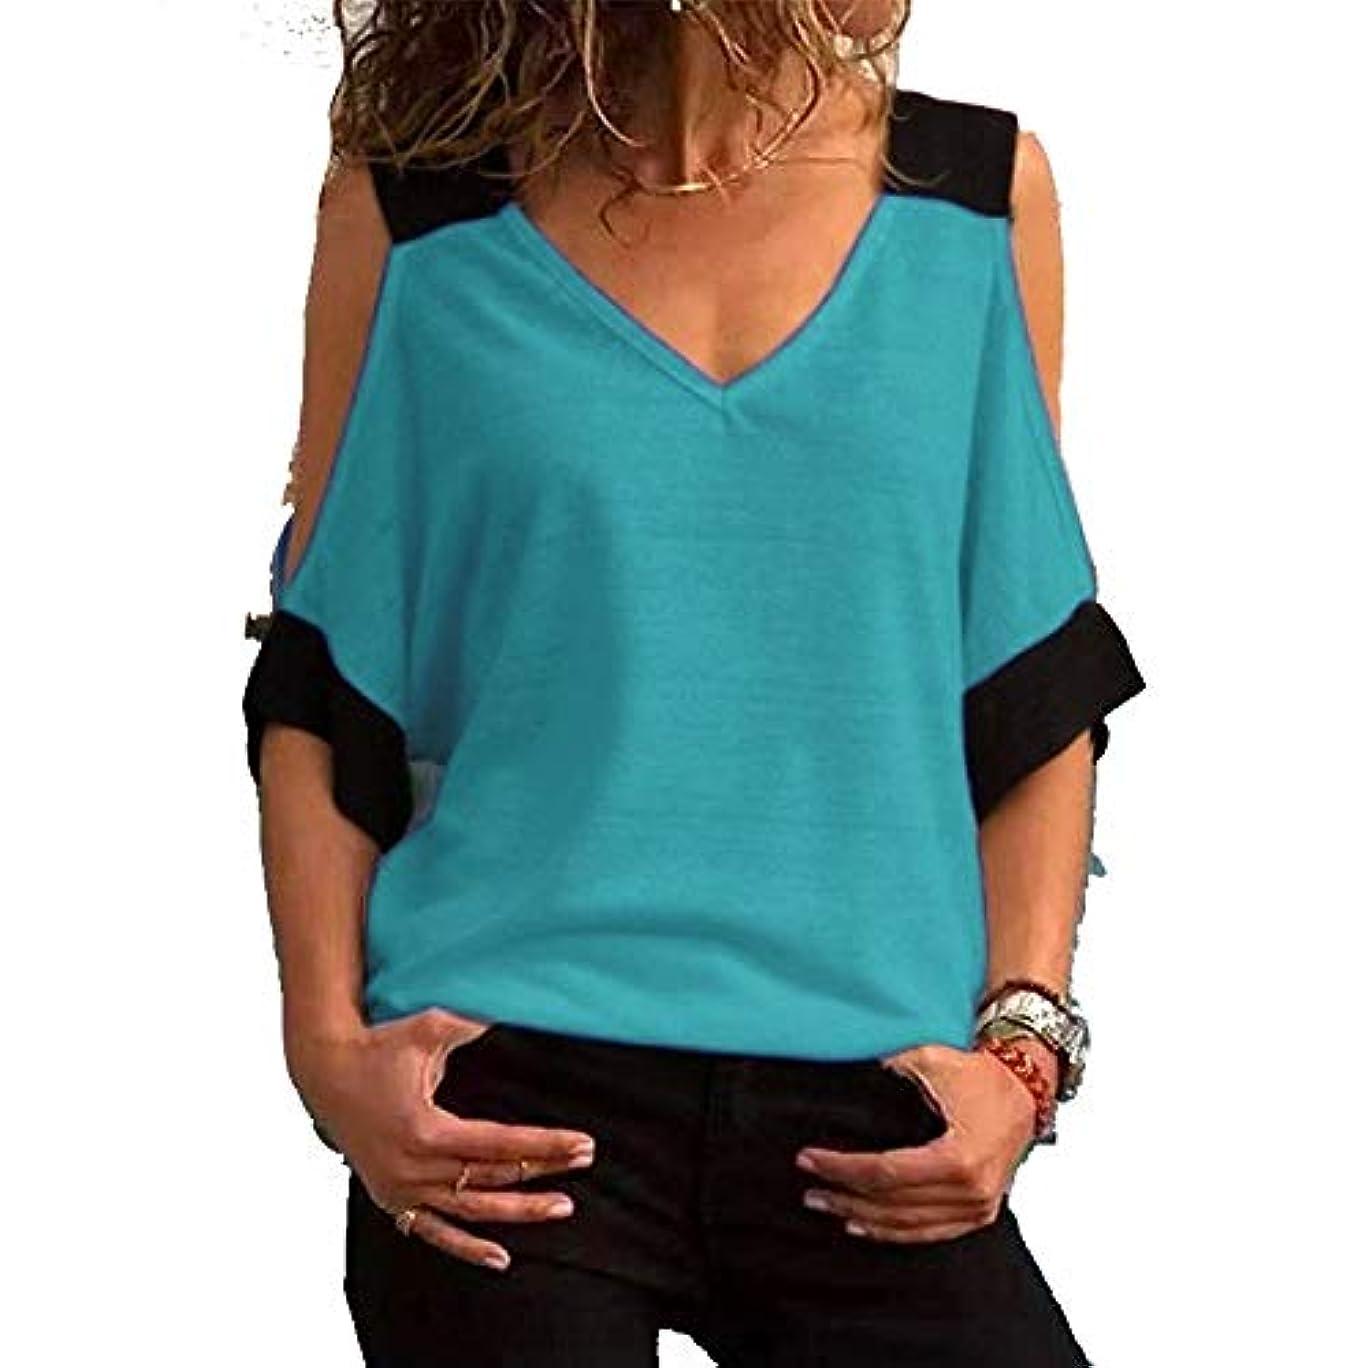 故意の論争の的主観的MIFAN女性ファッションカジュアルトップス女性ショルダーブラウスコットンTシャツディープVネック半袖